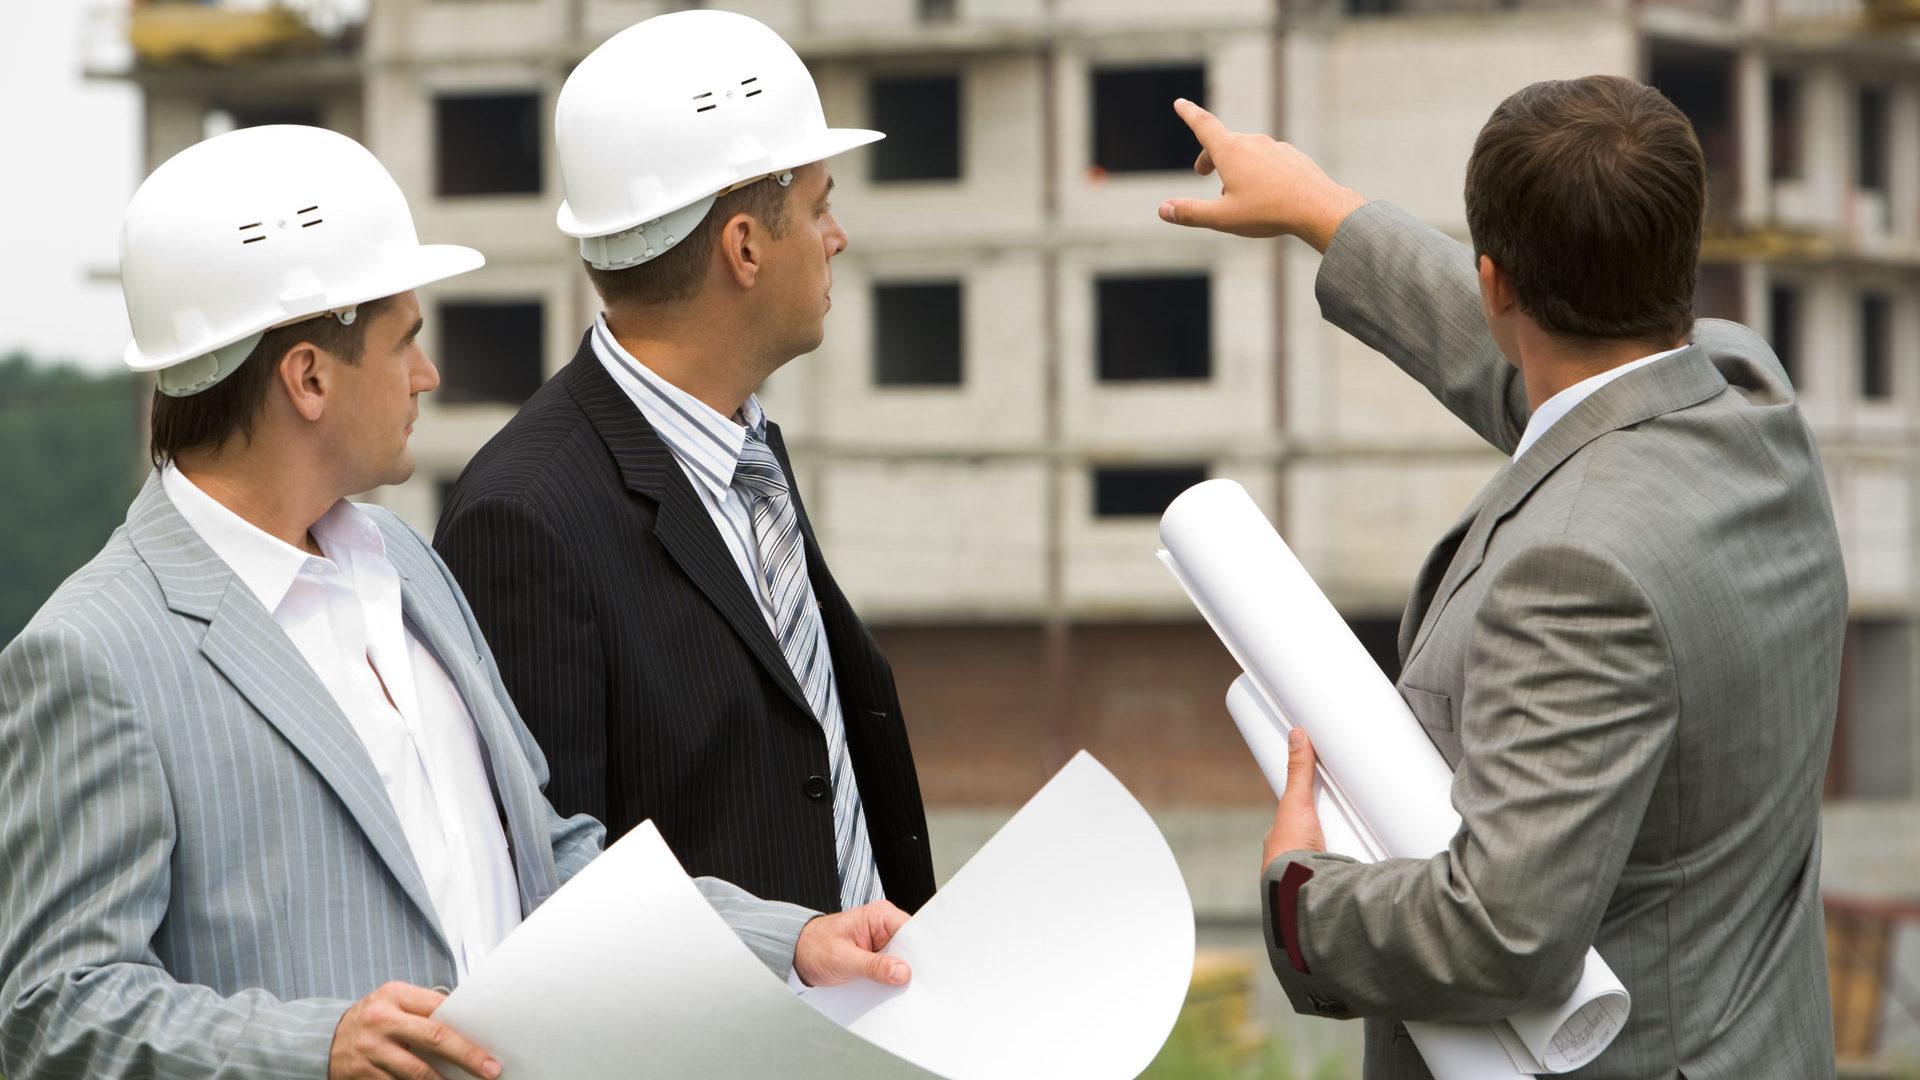 строительные саморегулируемые организации